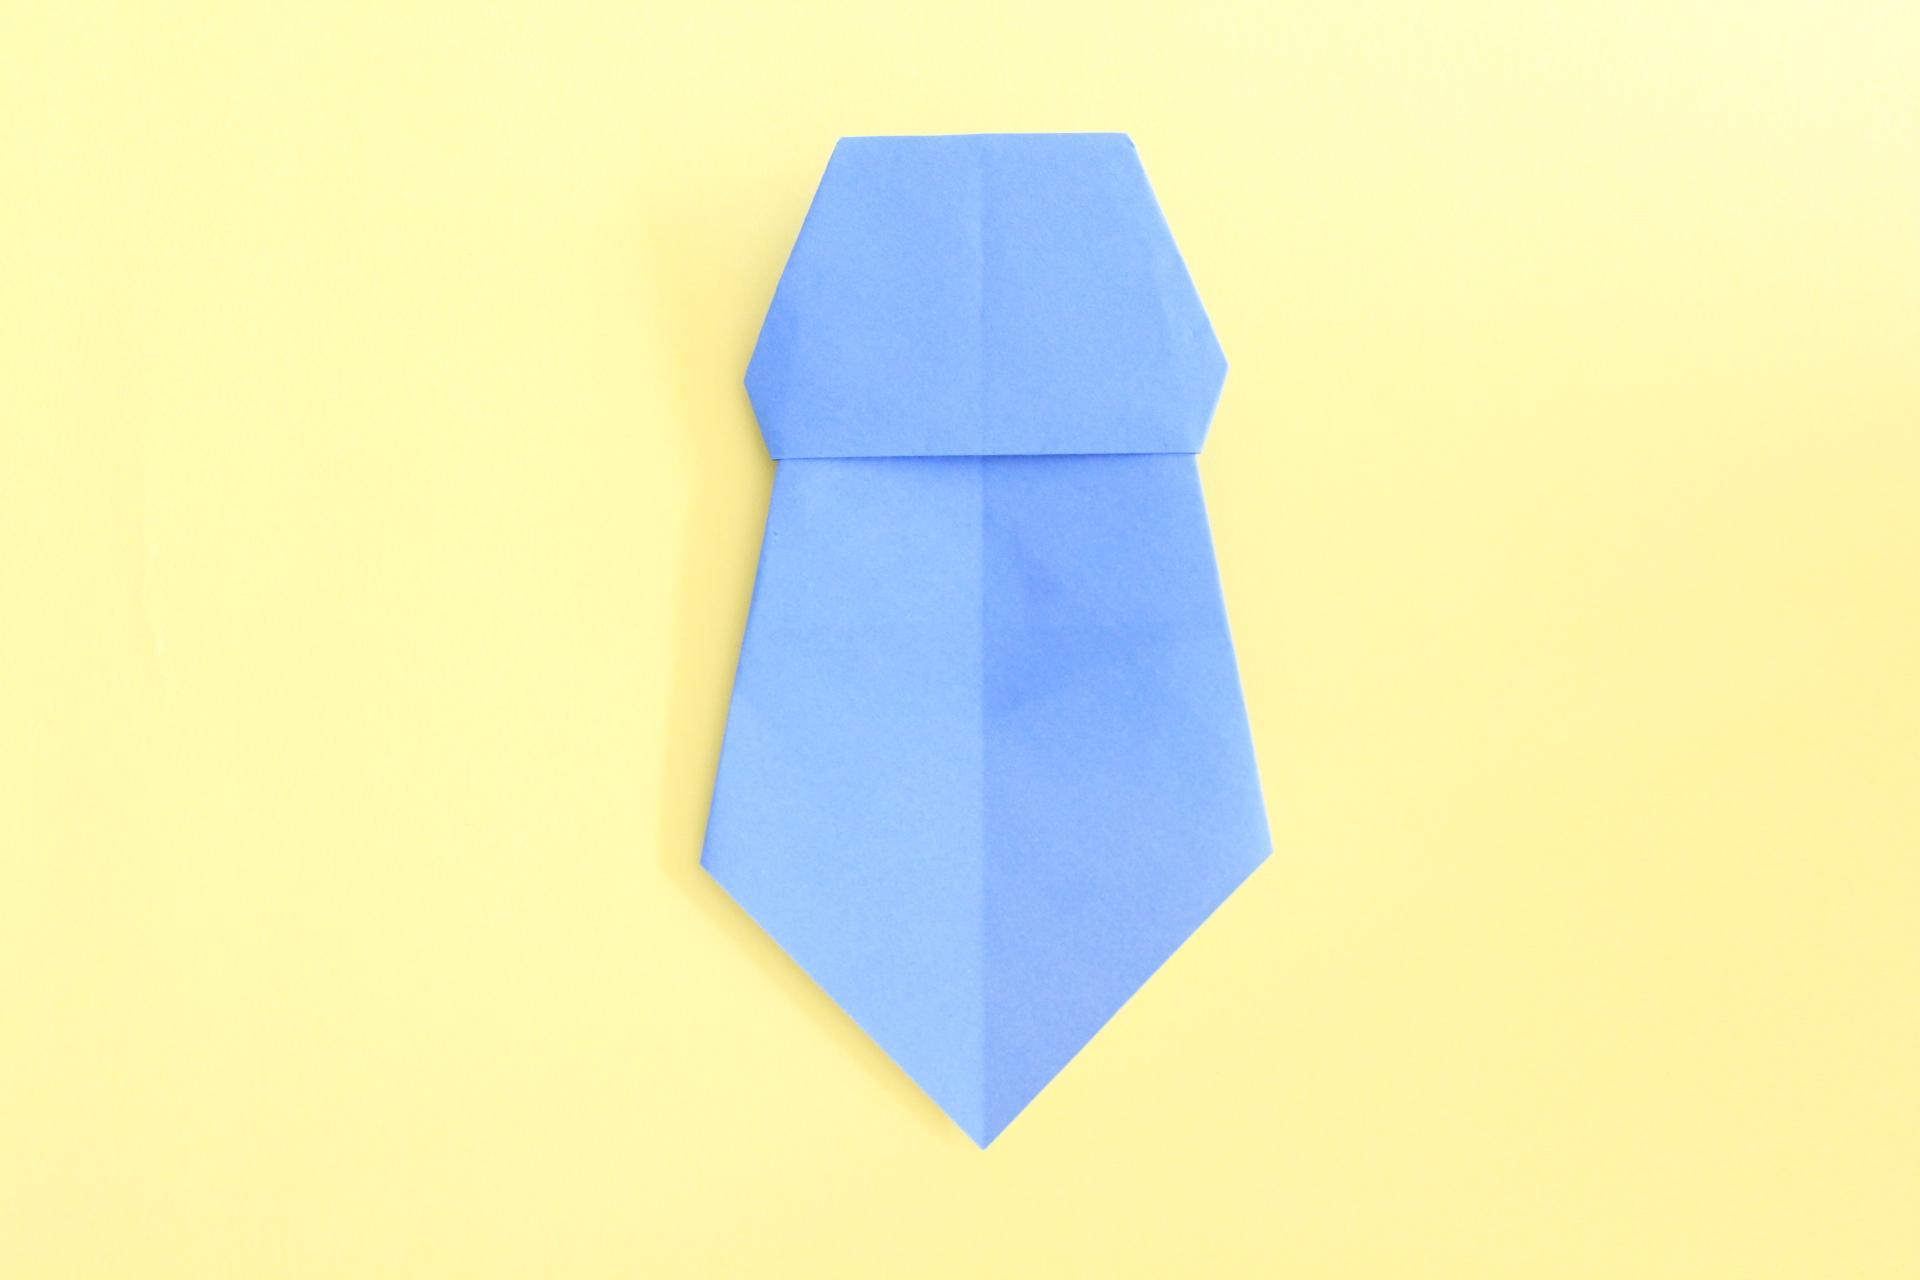 ネクタイの完成